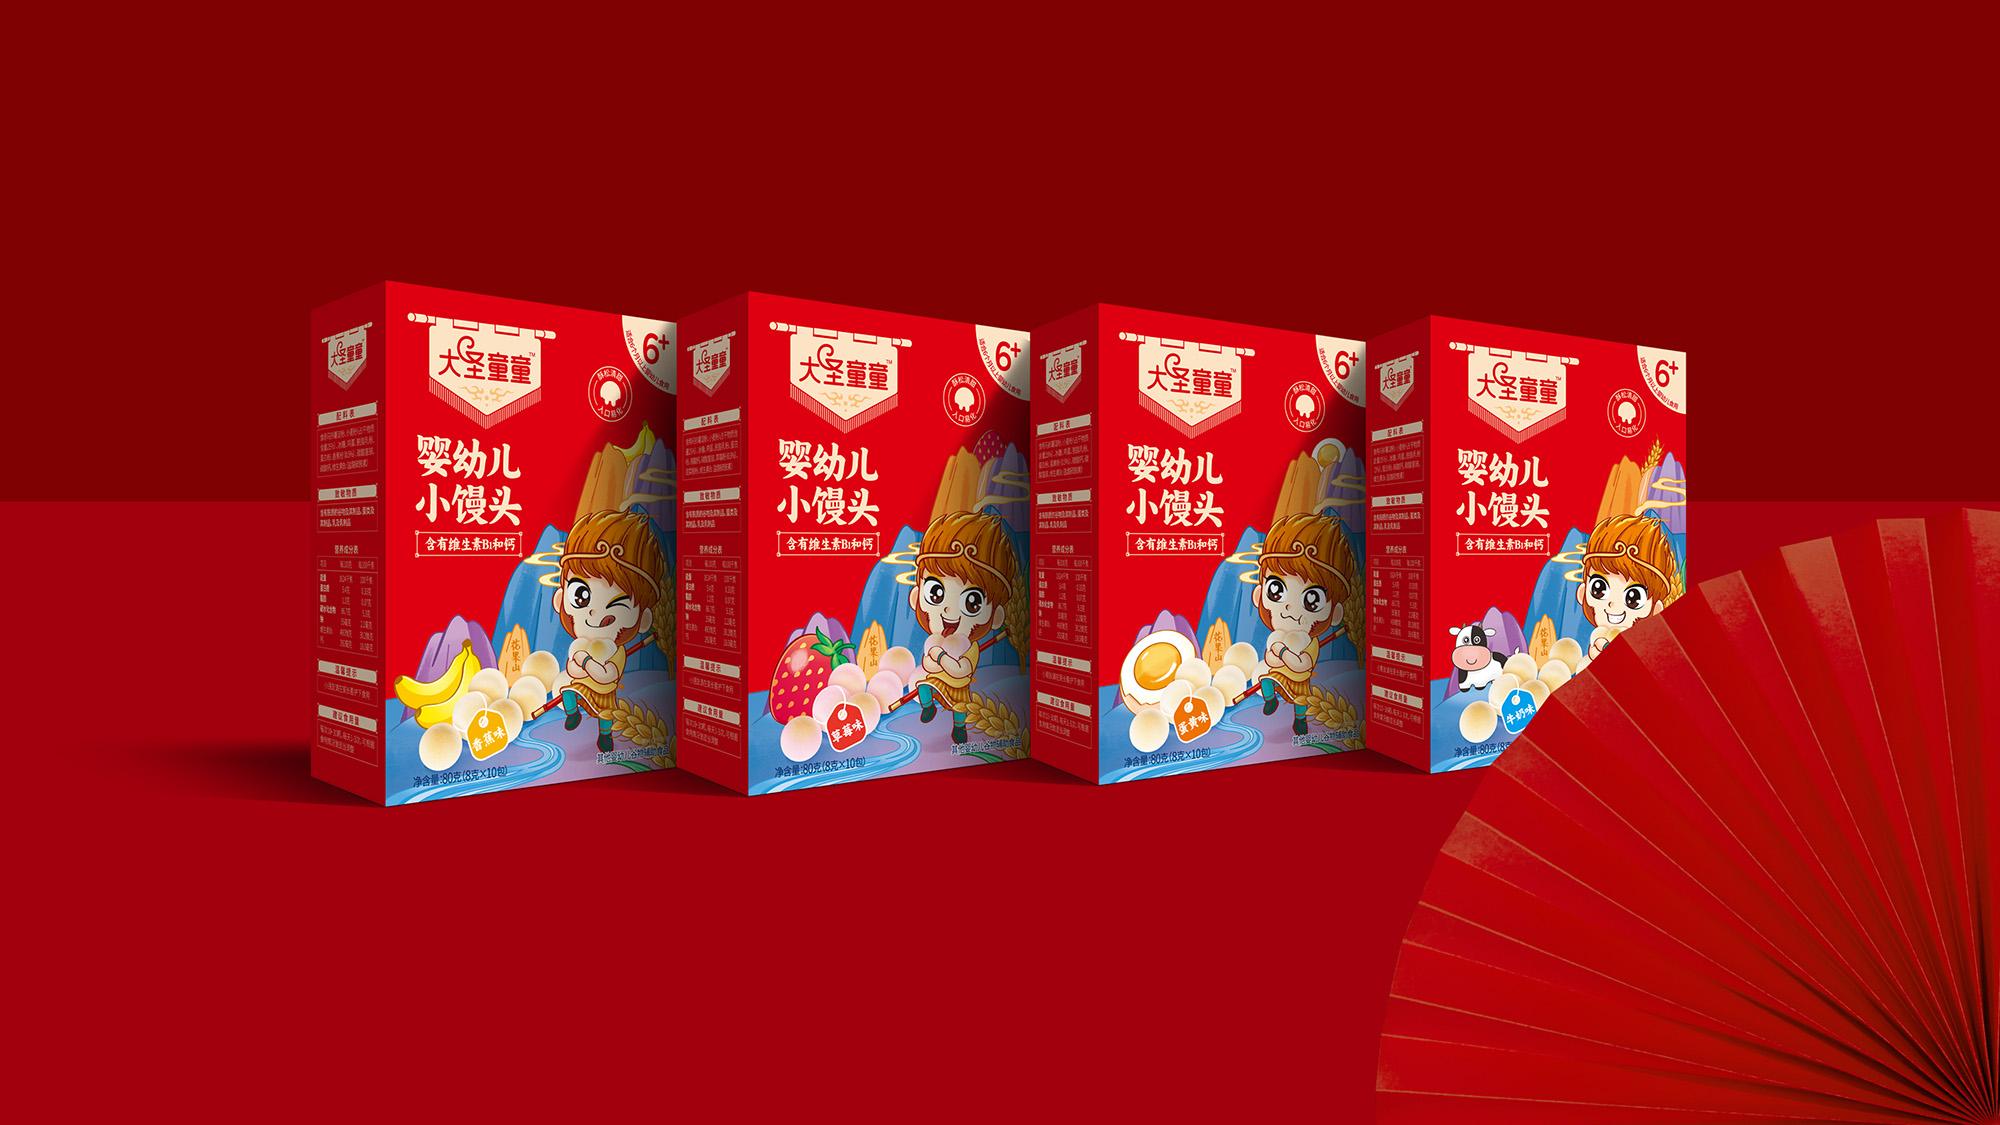 大圣童童×唐风汉韵|民族文化自信的崛起